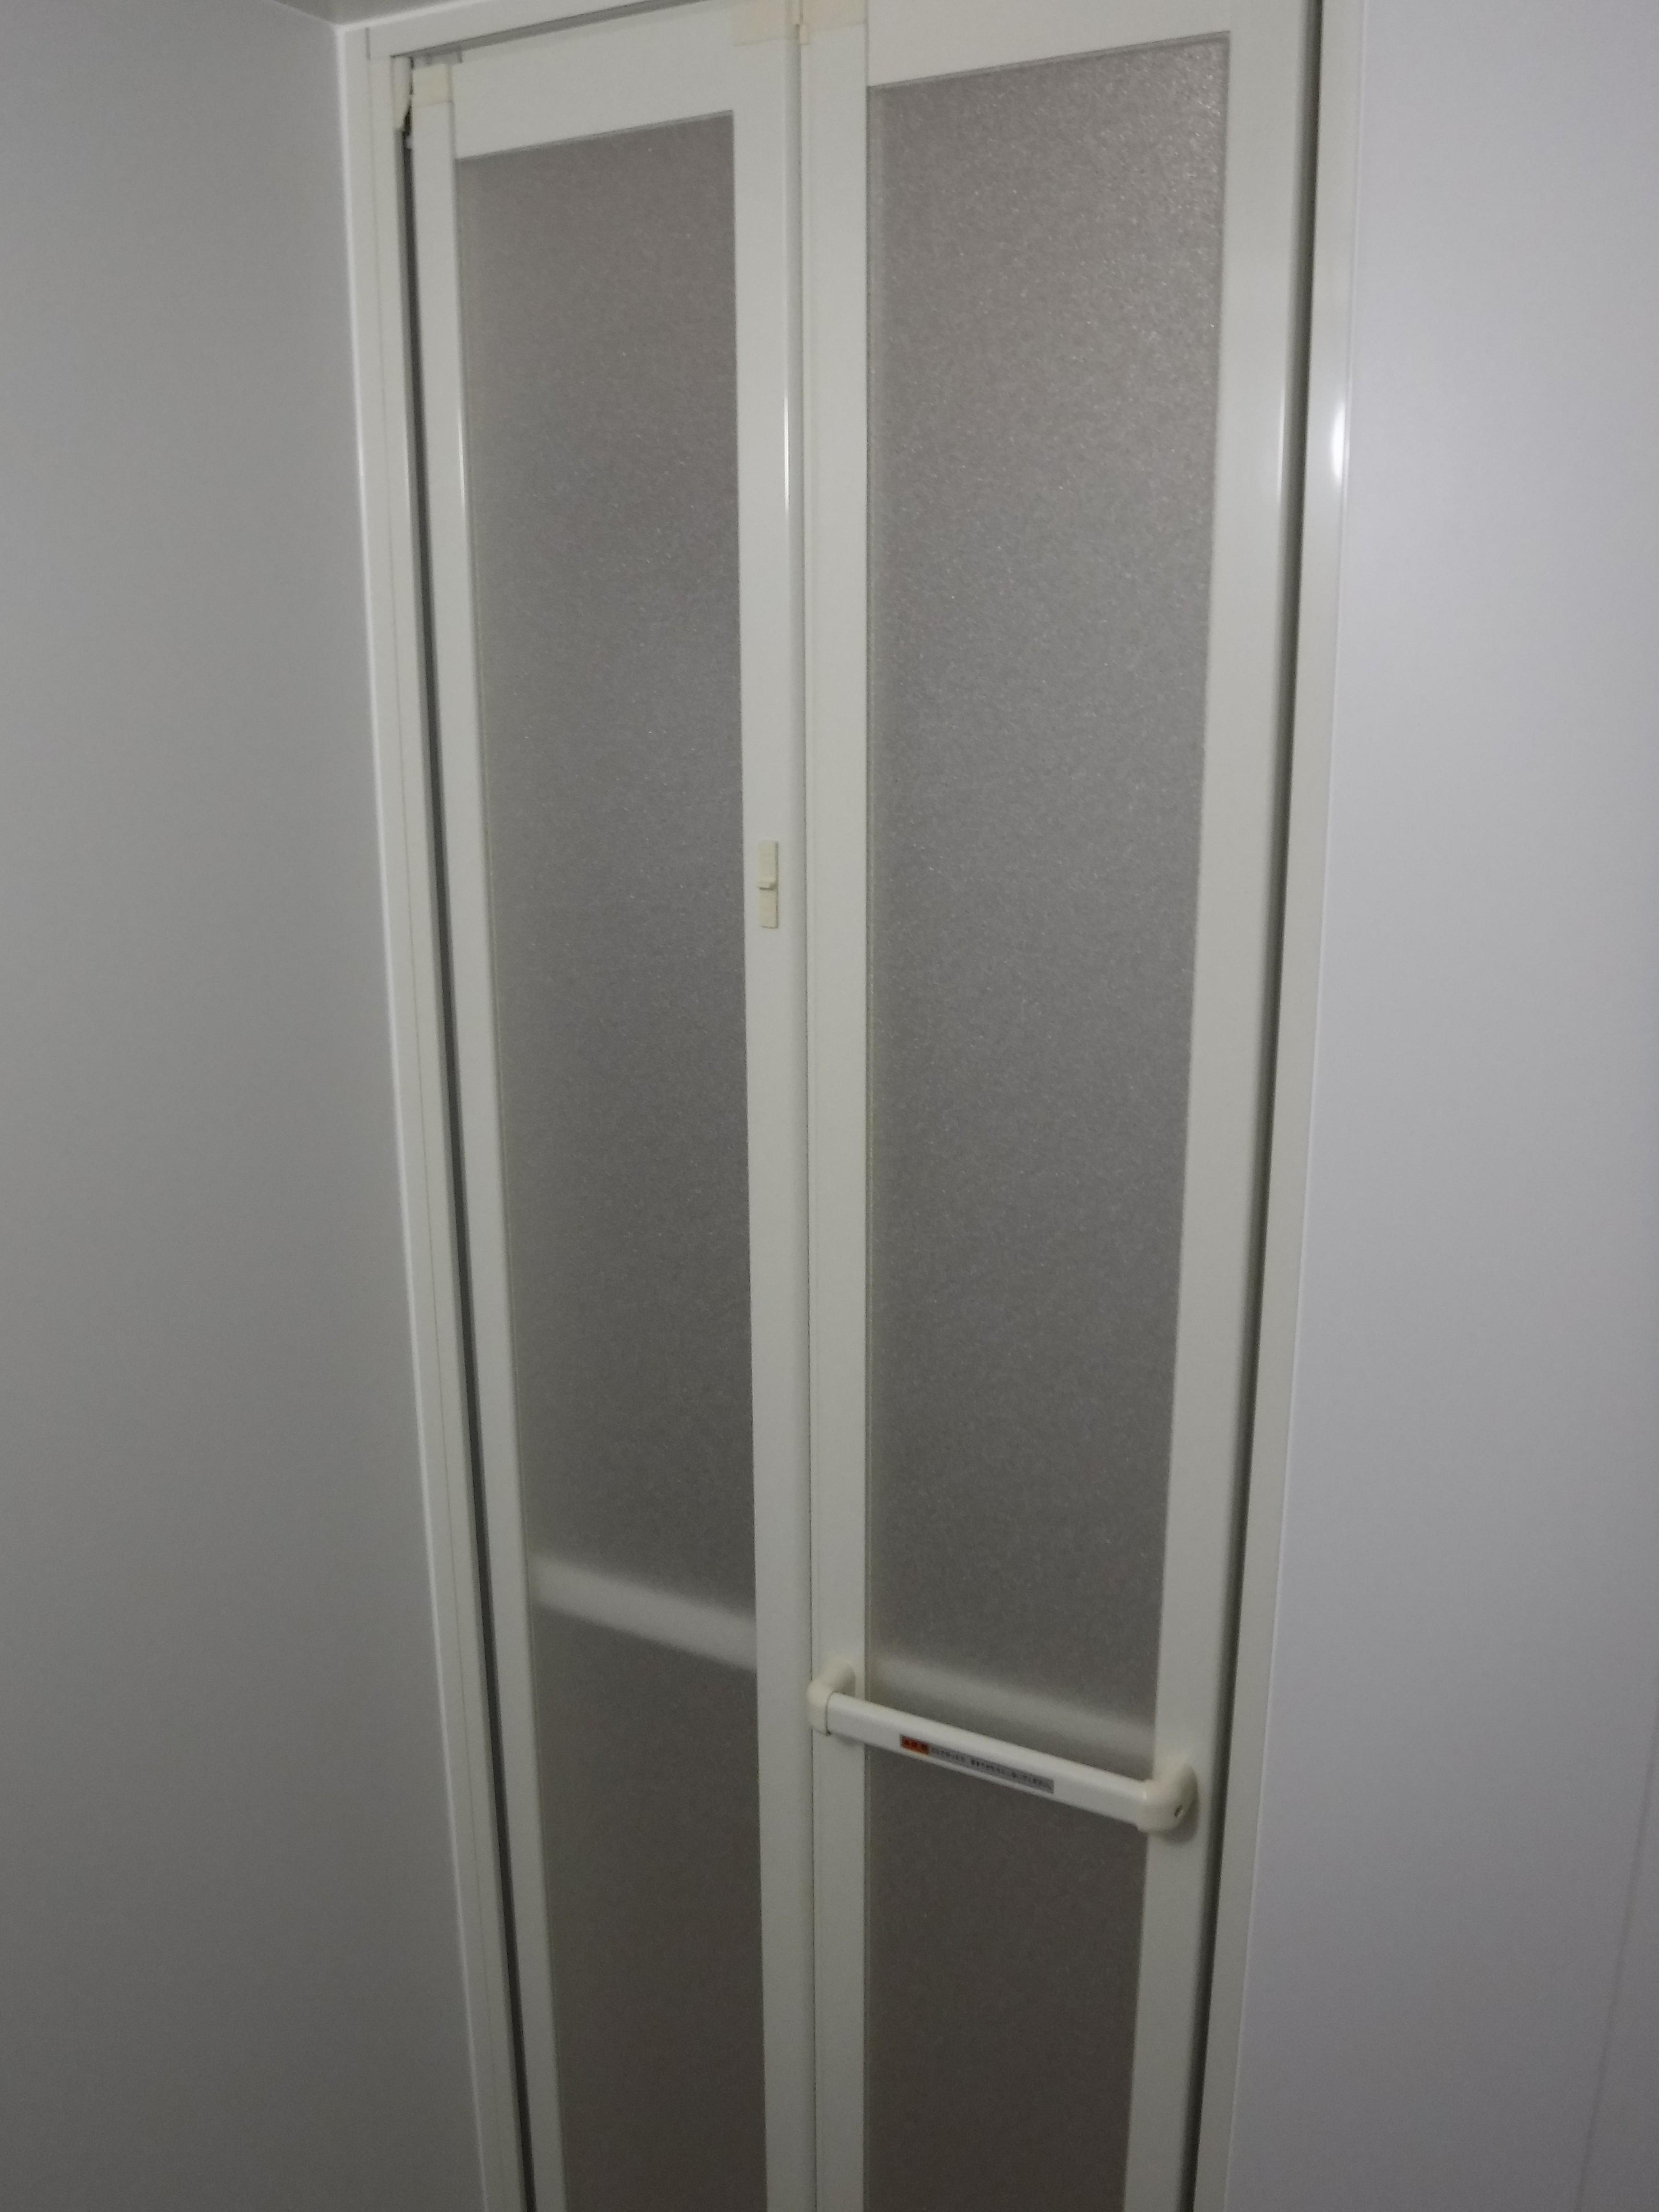 介護保険を活用して改装工事 浴室 BW1216 入口扉